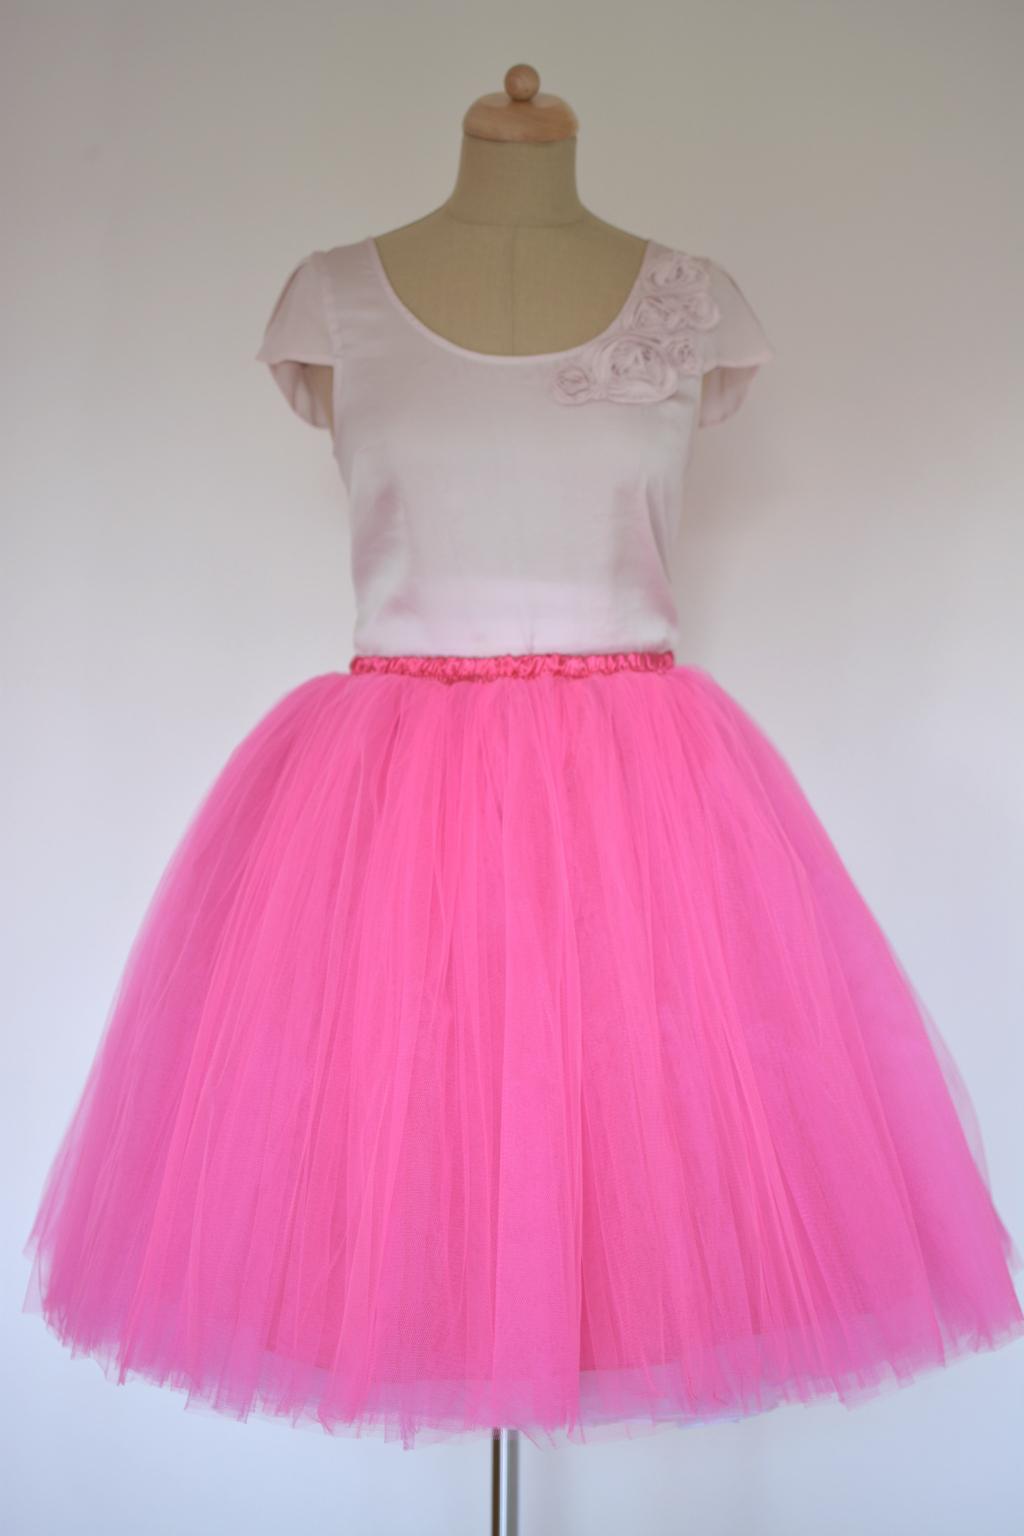 e70e6cd1fc0 Dámská tylová TUTU sukně tmavě růžová - MiaBella